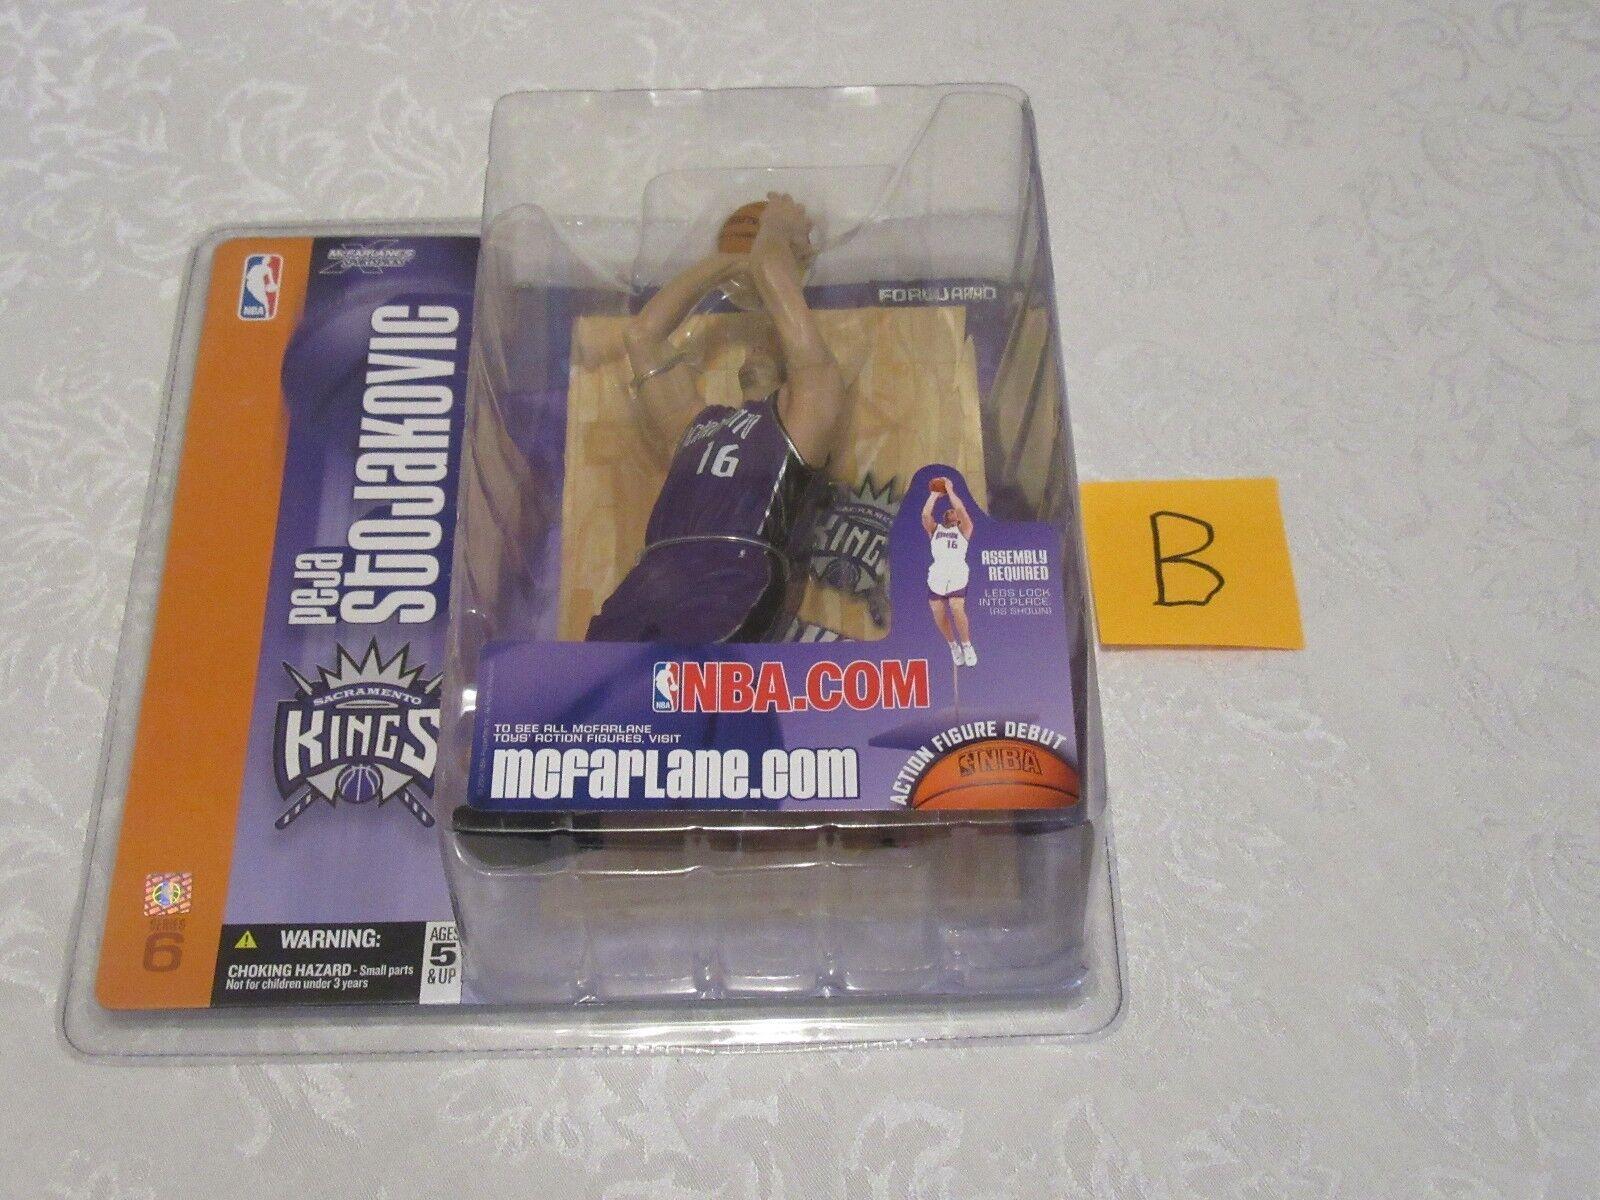 McFarlane NBA Series 6 Peja Stojakovic Chase Variant viola Jersey Kings B